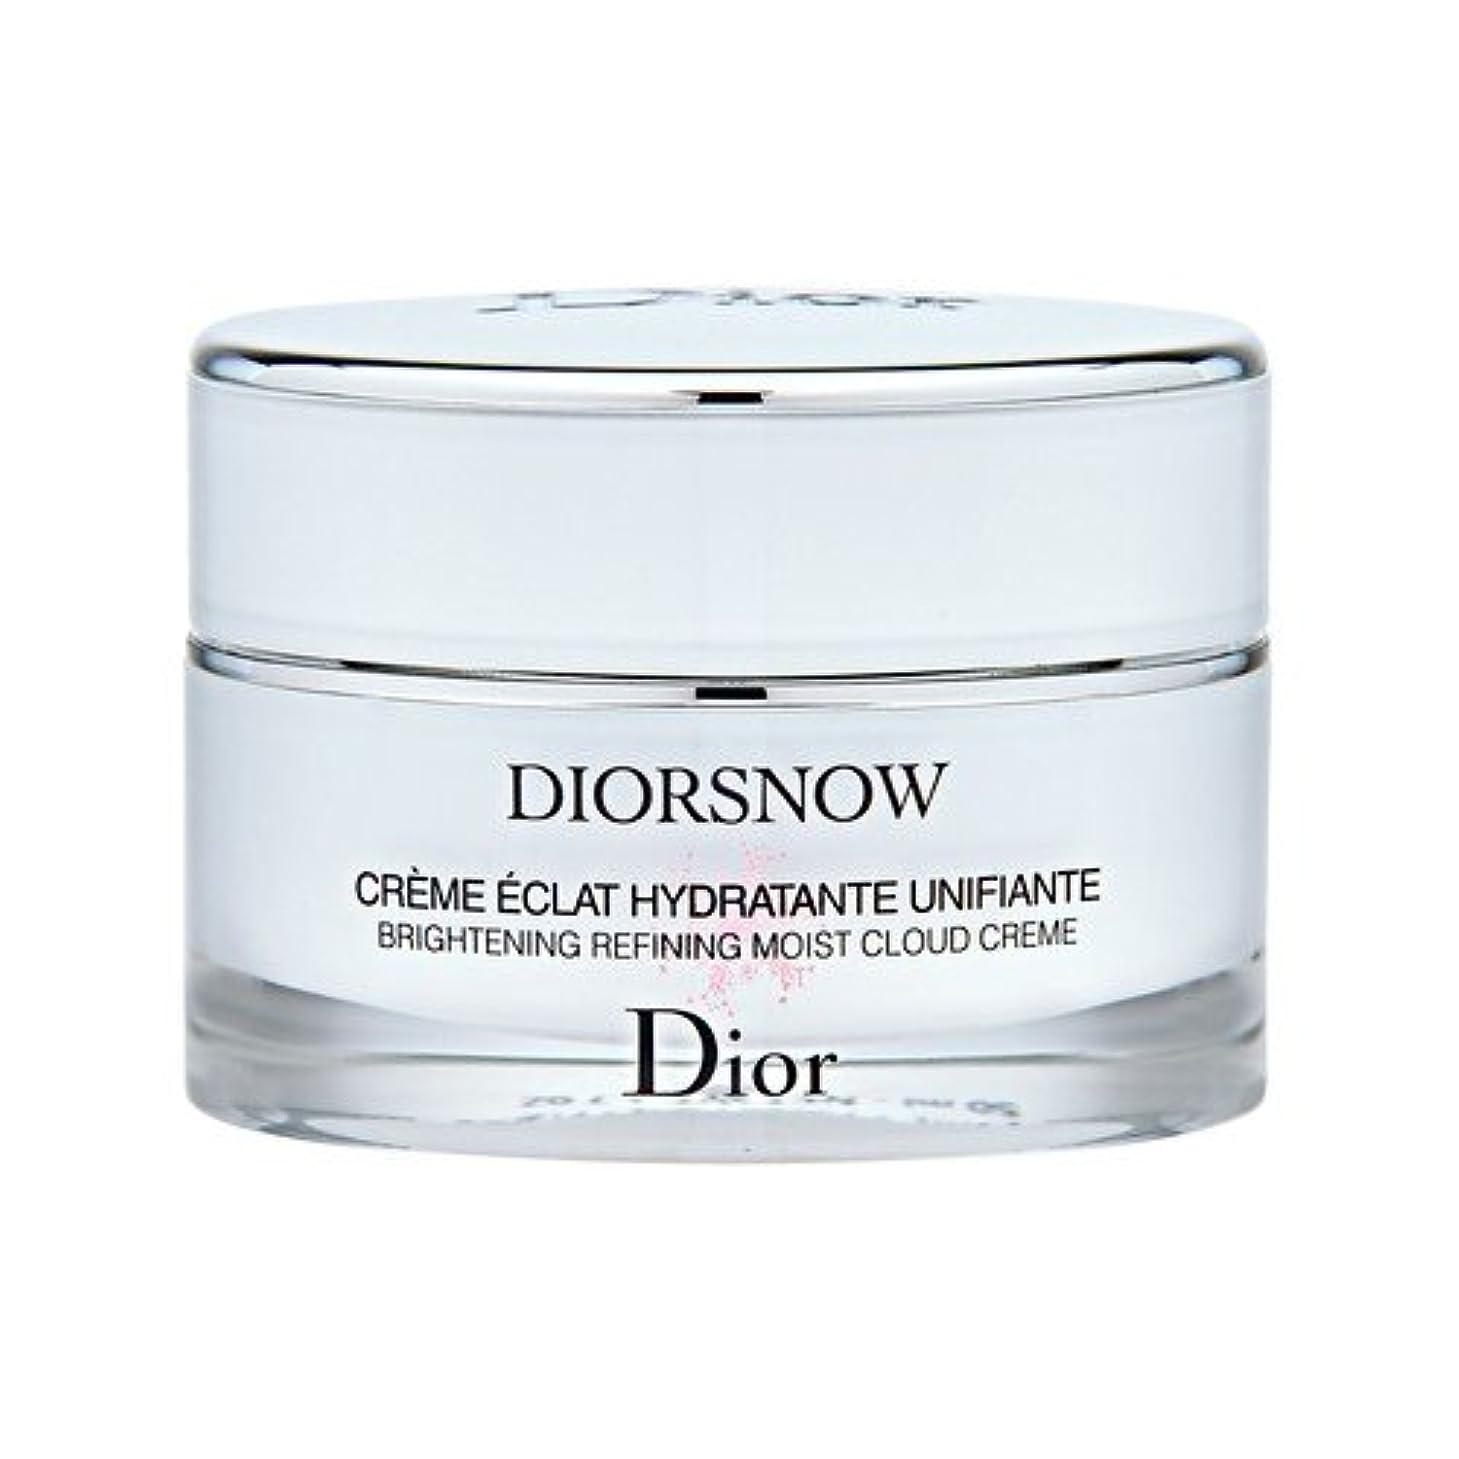 不合格バイオリニストさわやかクリスチャン ディオール(Christian Dior) スノー ブライトニング モイスト クリーム 50ml[並行輸入品]